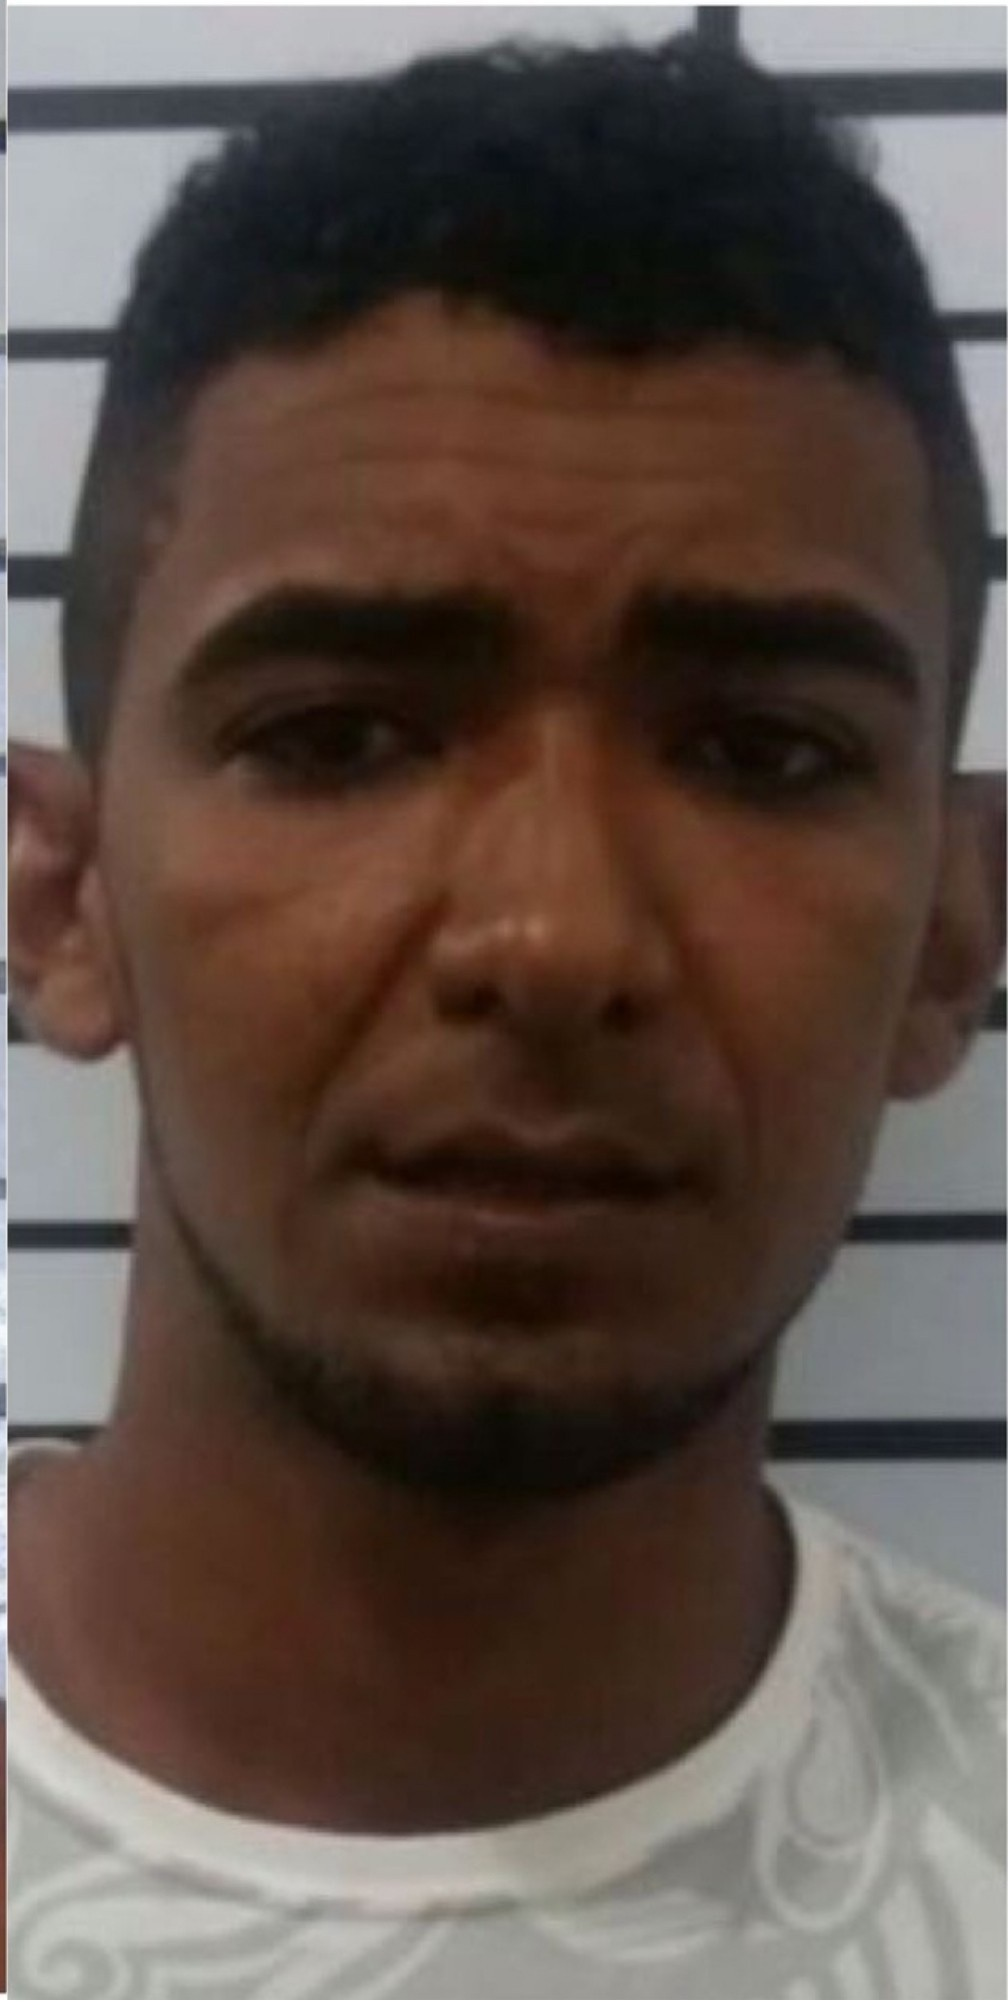 Integrante de quadrilha envolvida em assalto a banco é executado a tiros dentro do Hospital Geral de Roraima